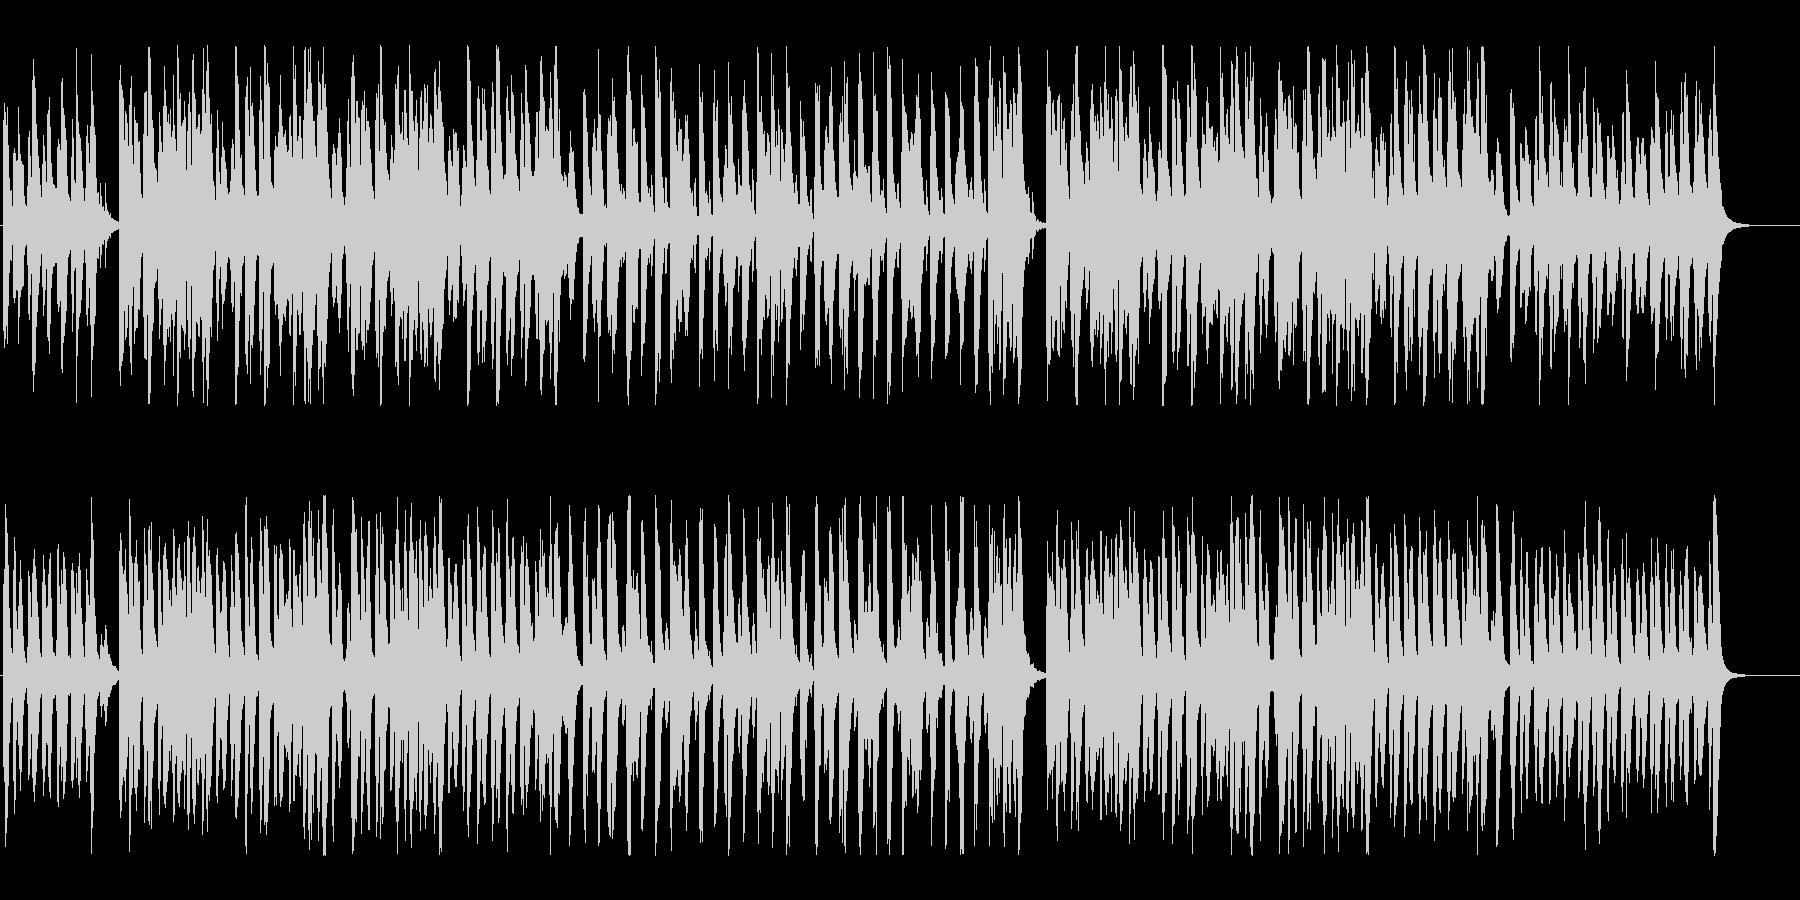 ほのぼの明るく楽しいマーチBGM♪の未再生の波形